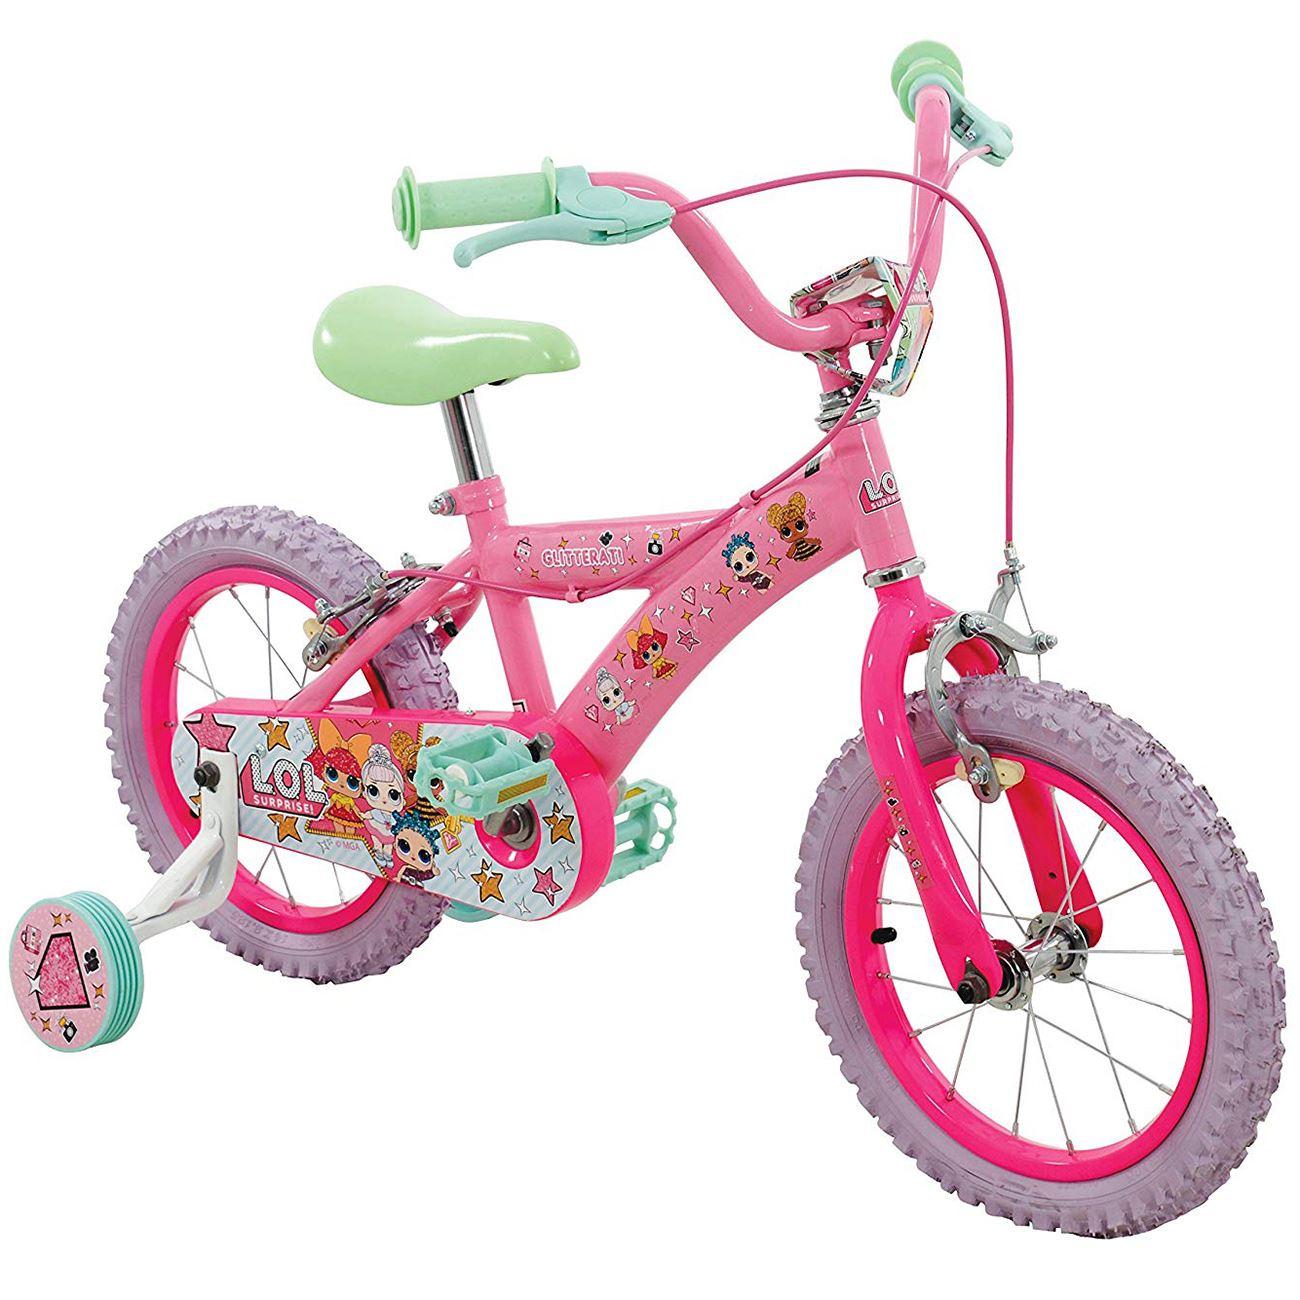 Dettagli Su Lol Surprise 14 Bicicletta Pedal Con Stabilizzatrici Bambine Ages 3